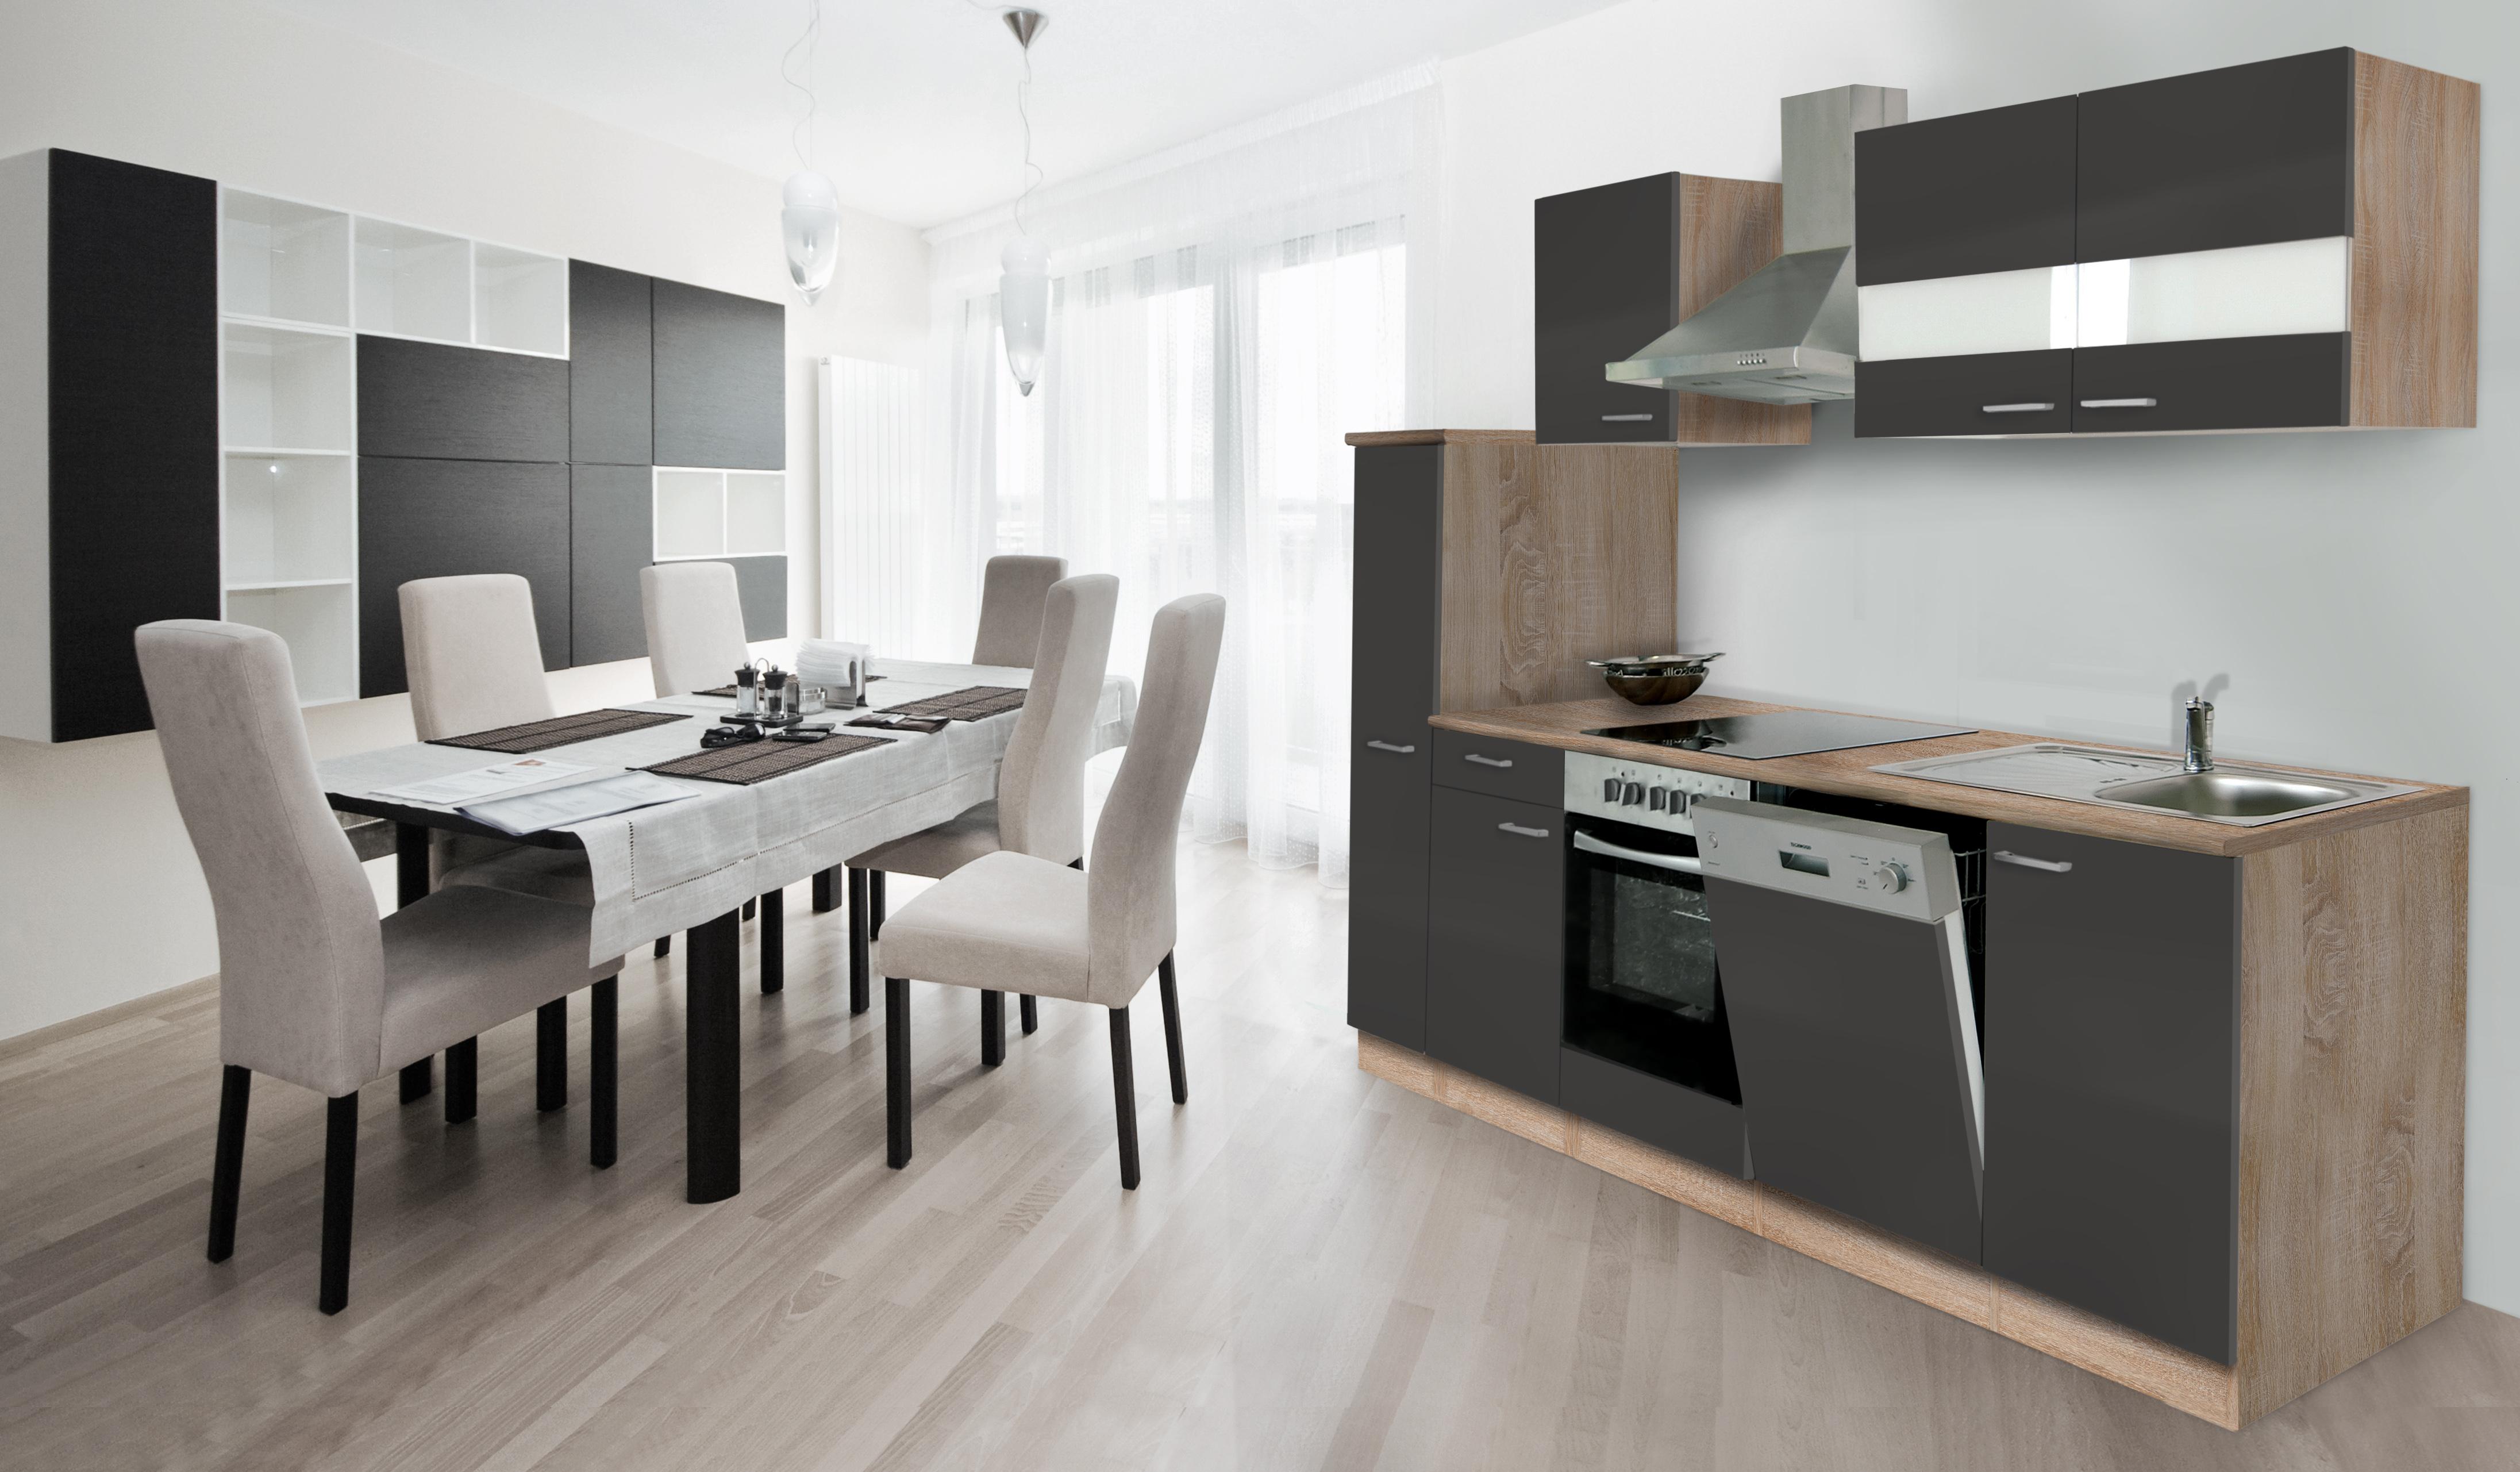 küche küchenzeile küchenblock einbauküche 250 cm eiche